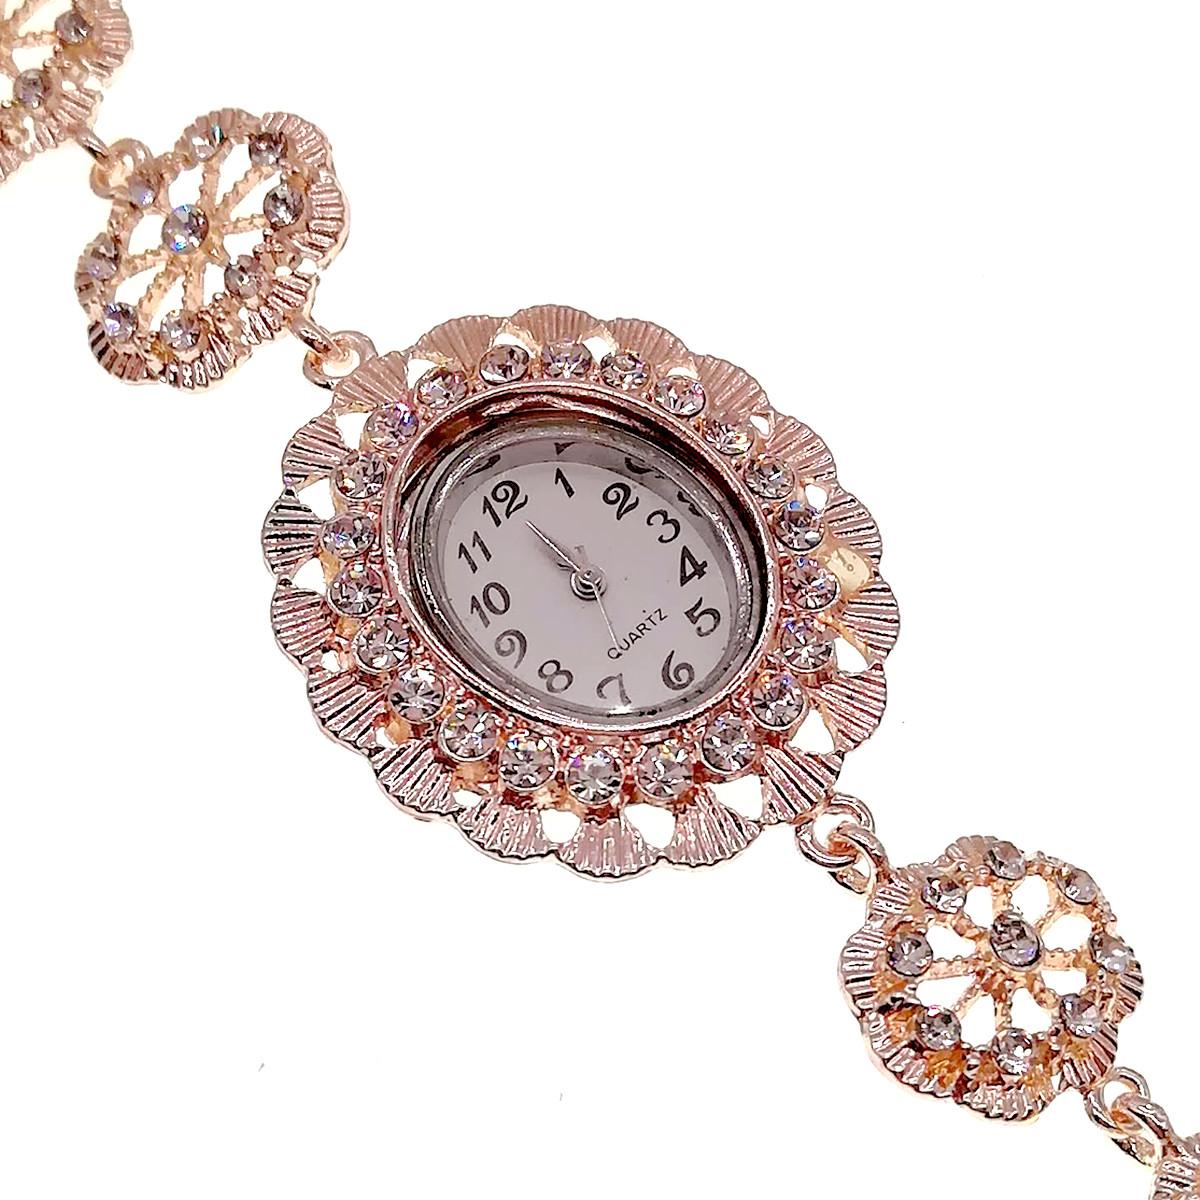 Кварцевые часы SONATA, белые фианиты, позолота РО, 95998       (1)